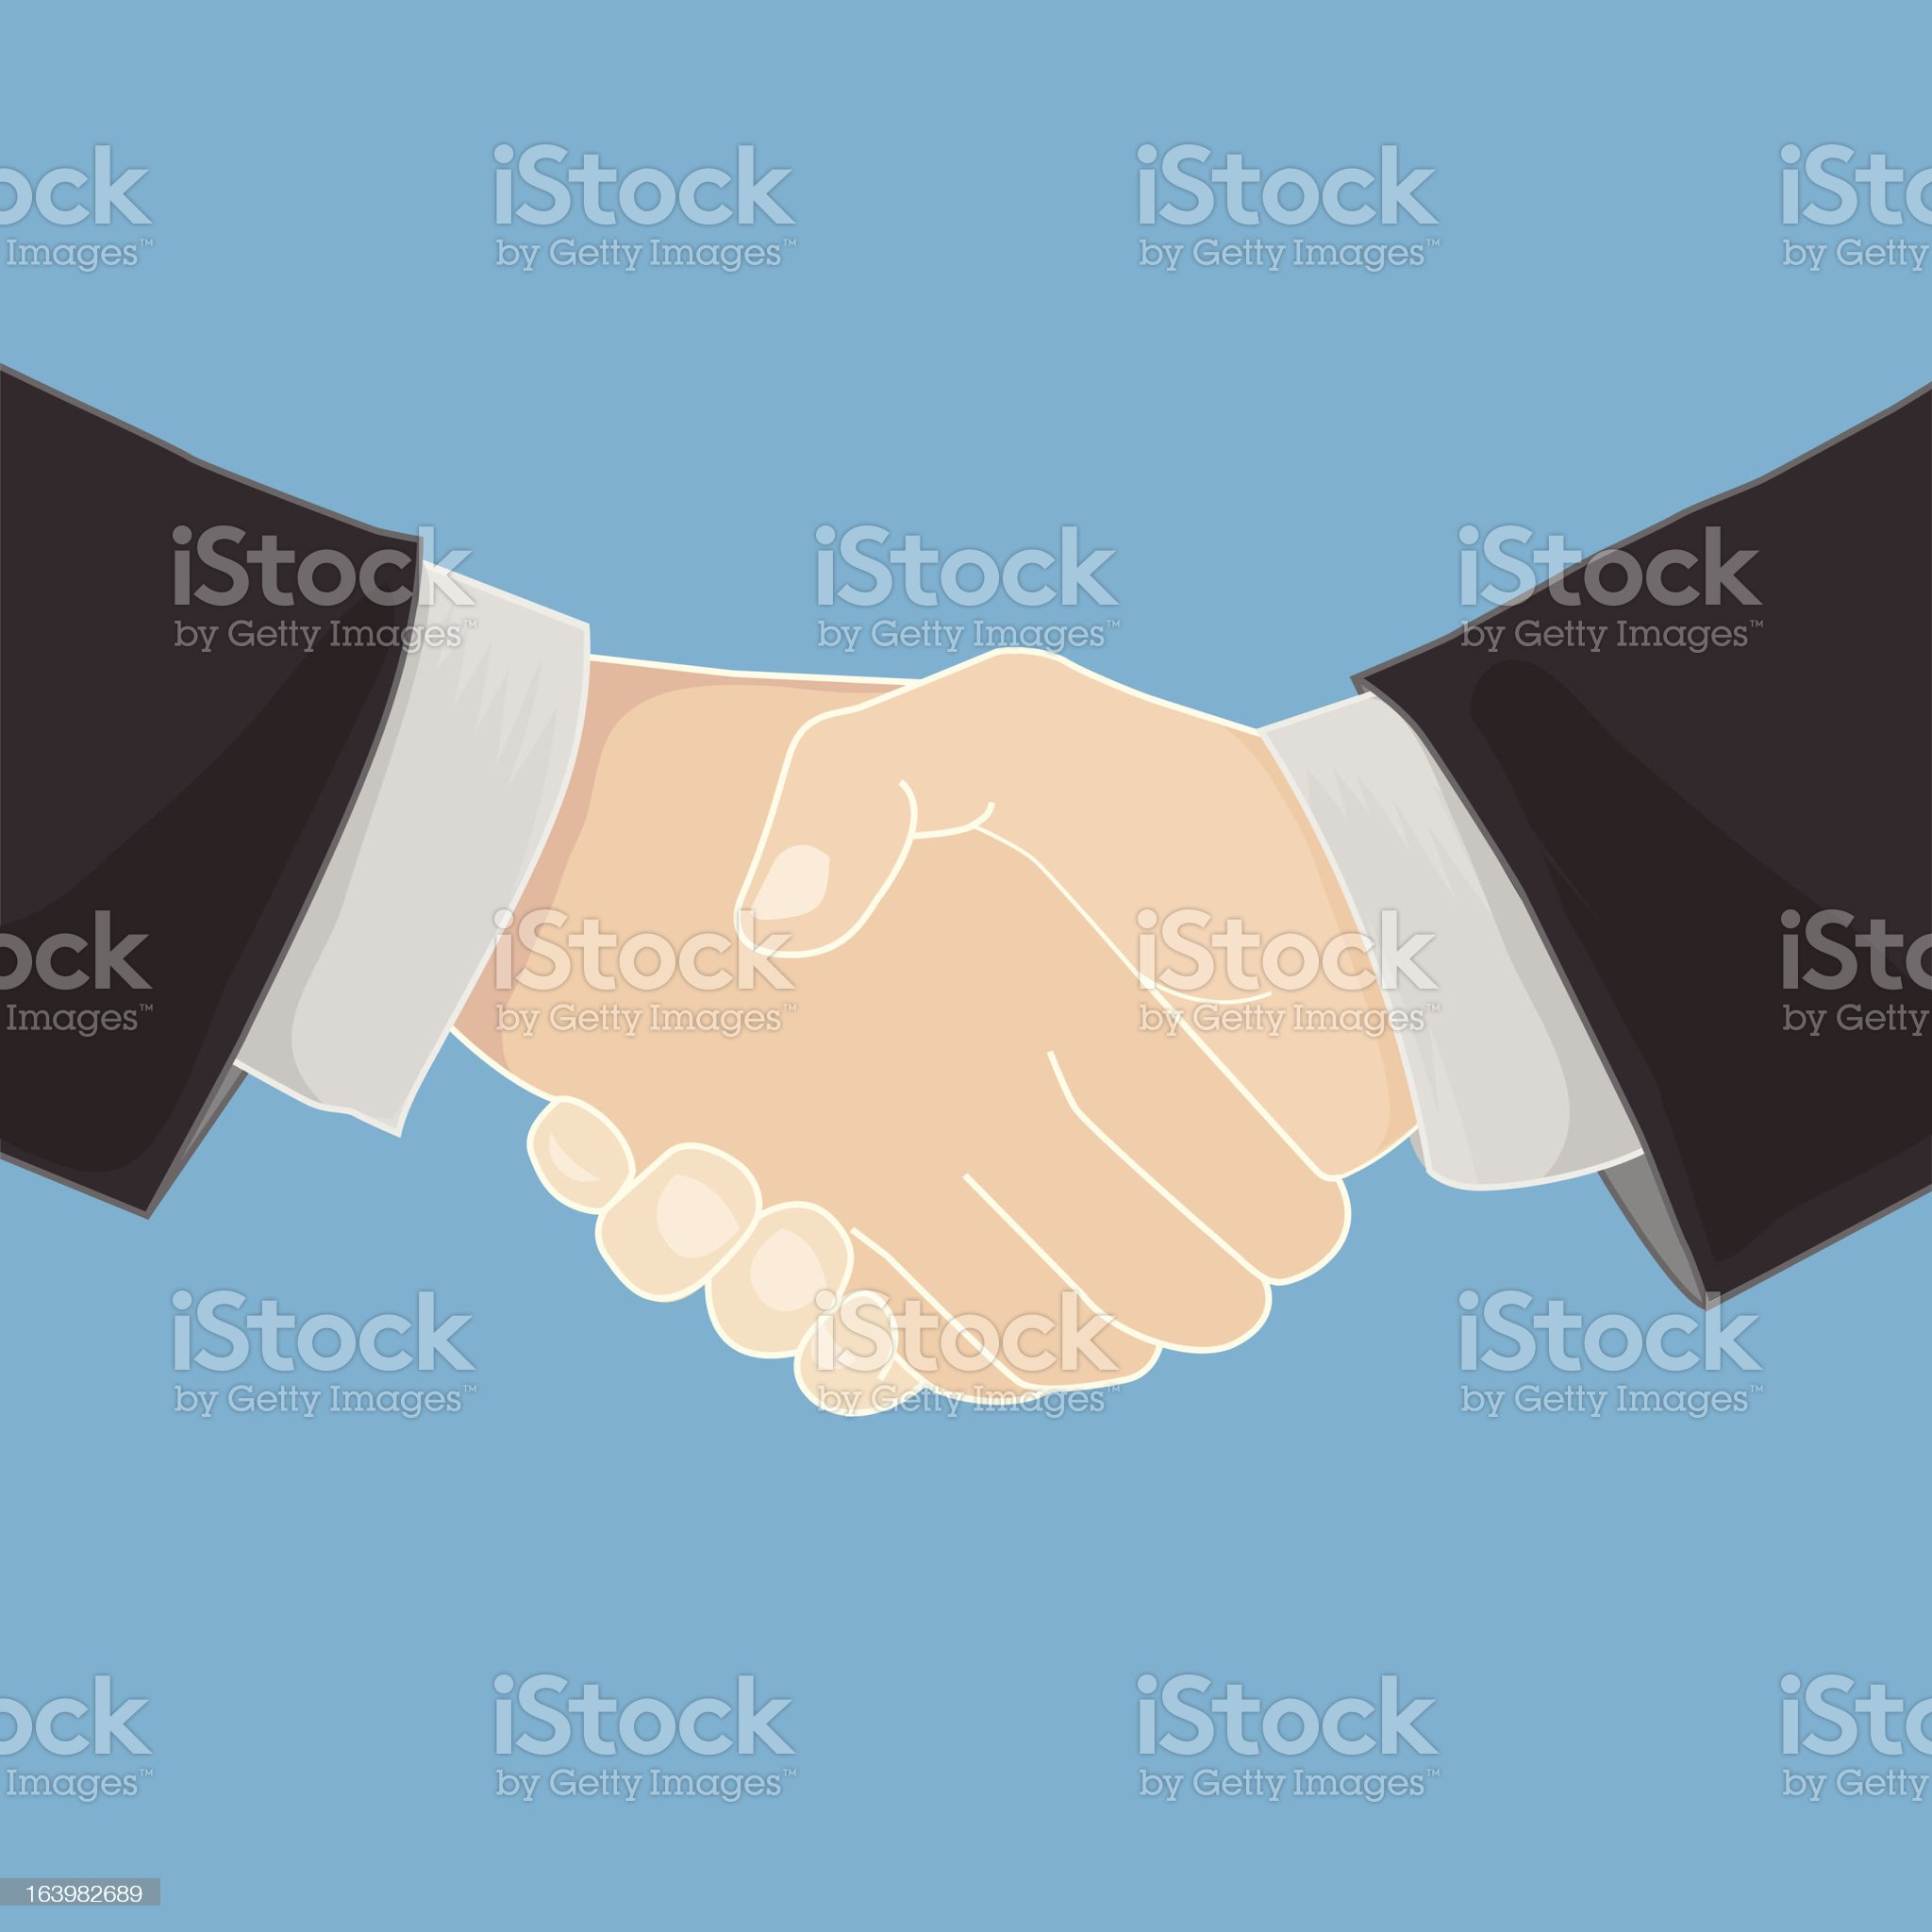 handshake in a businesslike manner royalty-free stock vector art